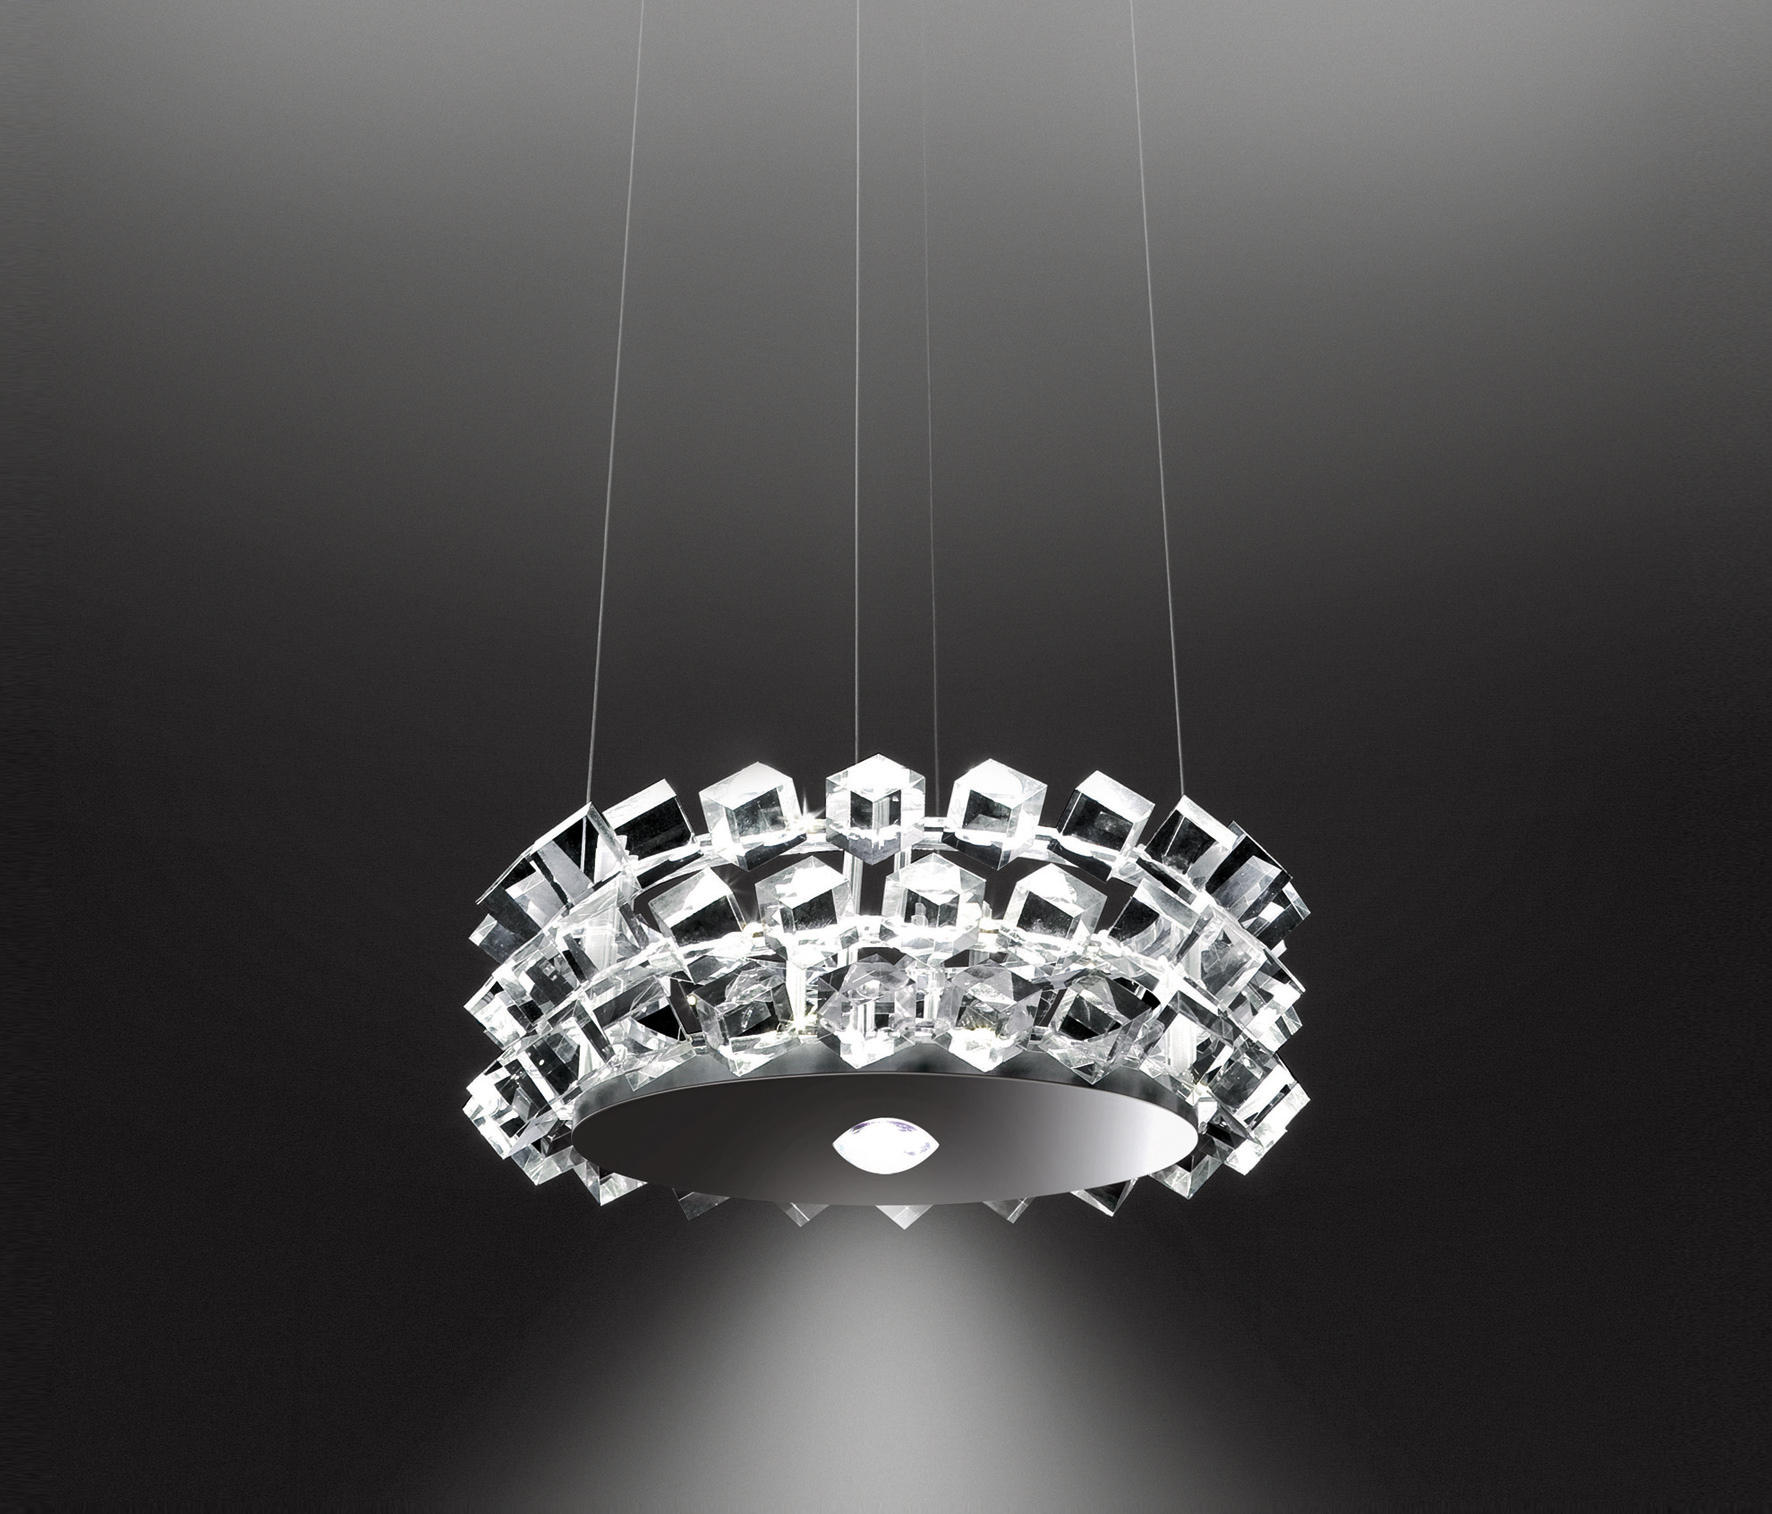 COLLIER TRE - Illuminazione generale Cini&Nils | Architonic